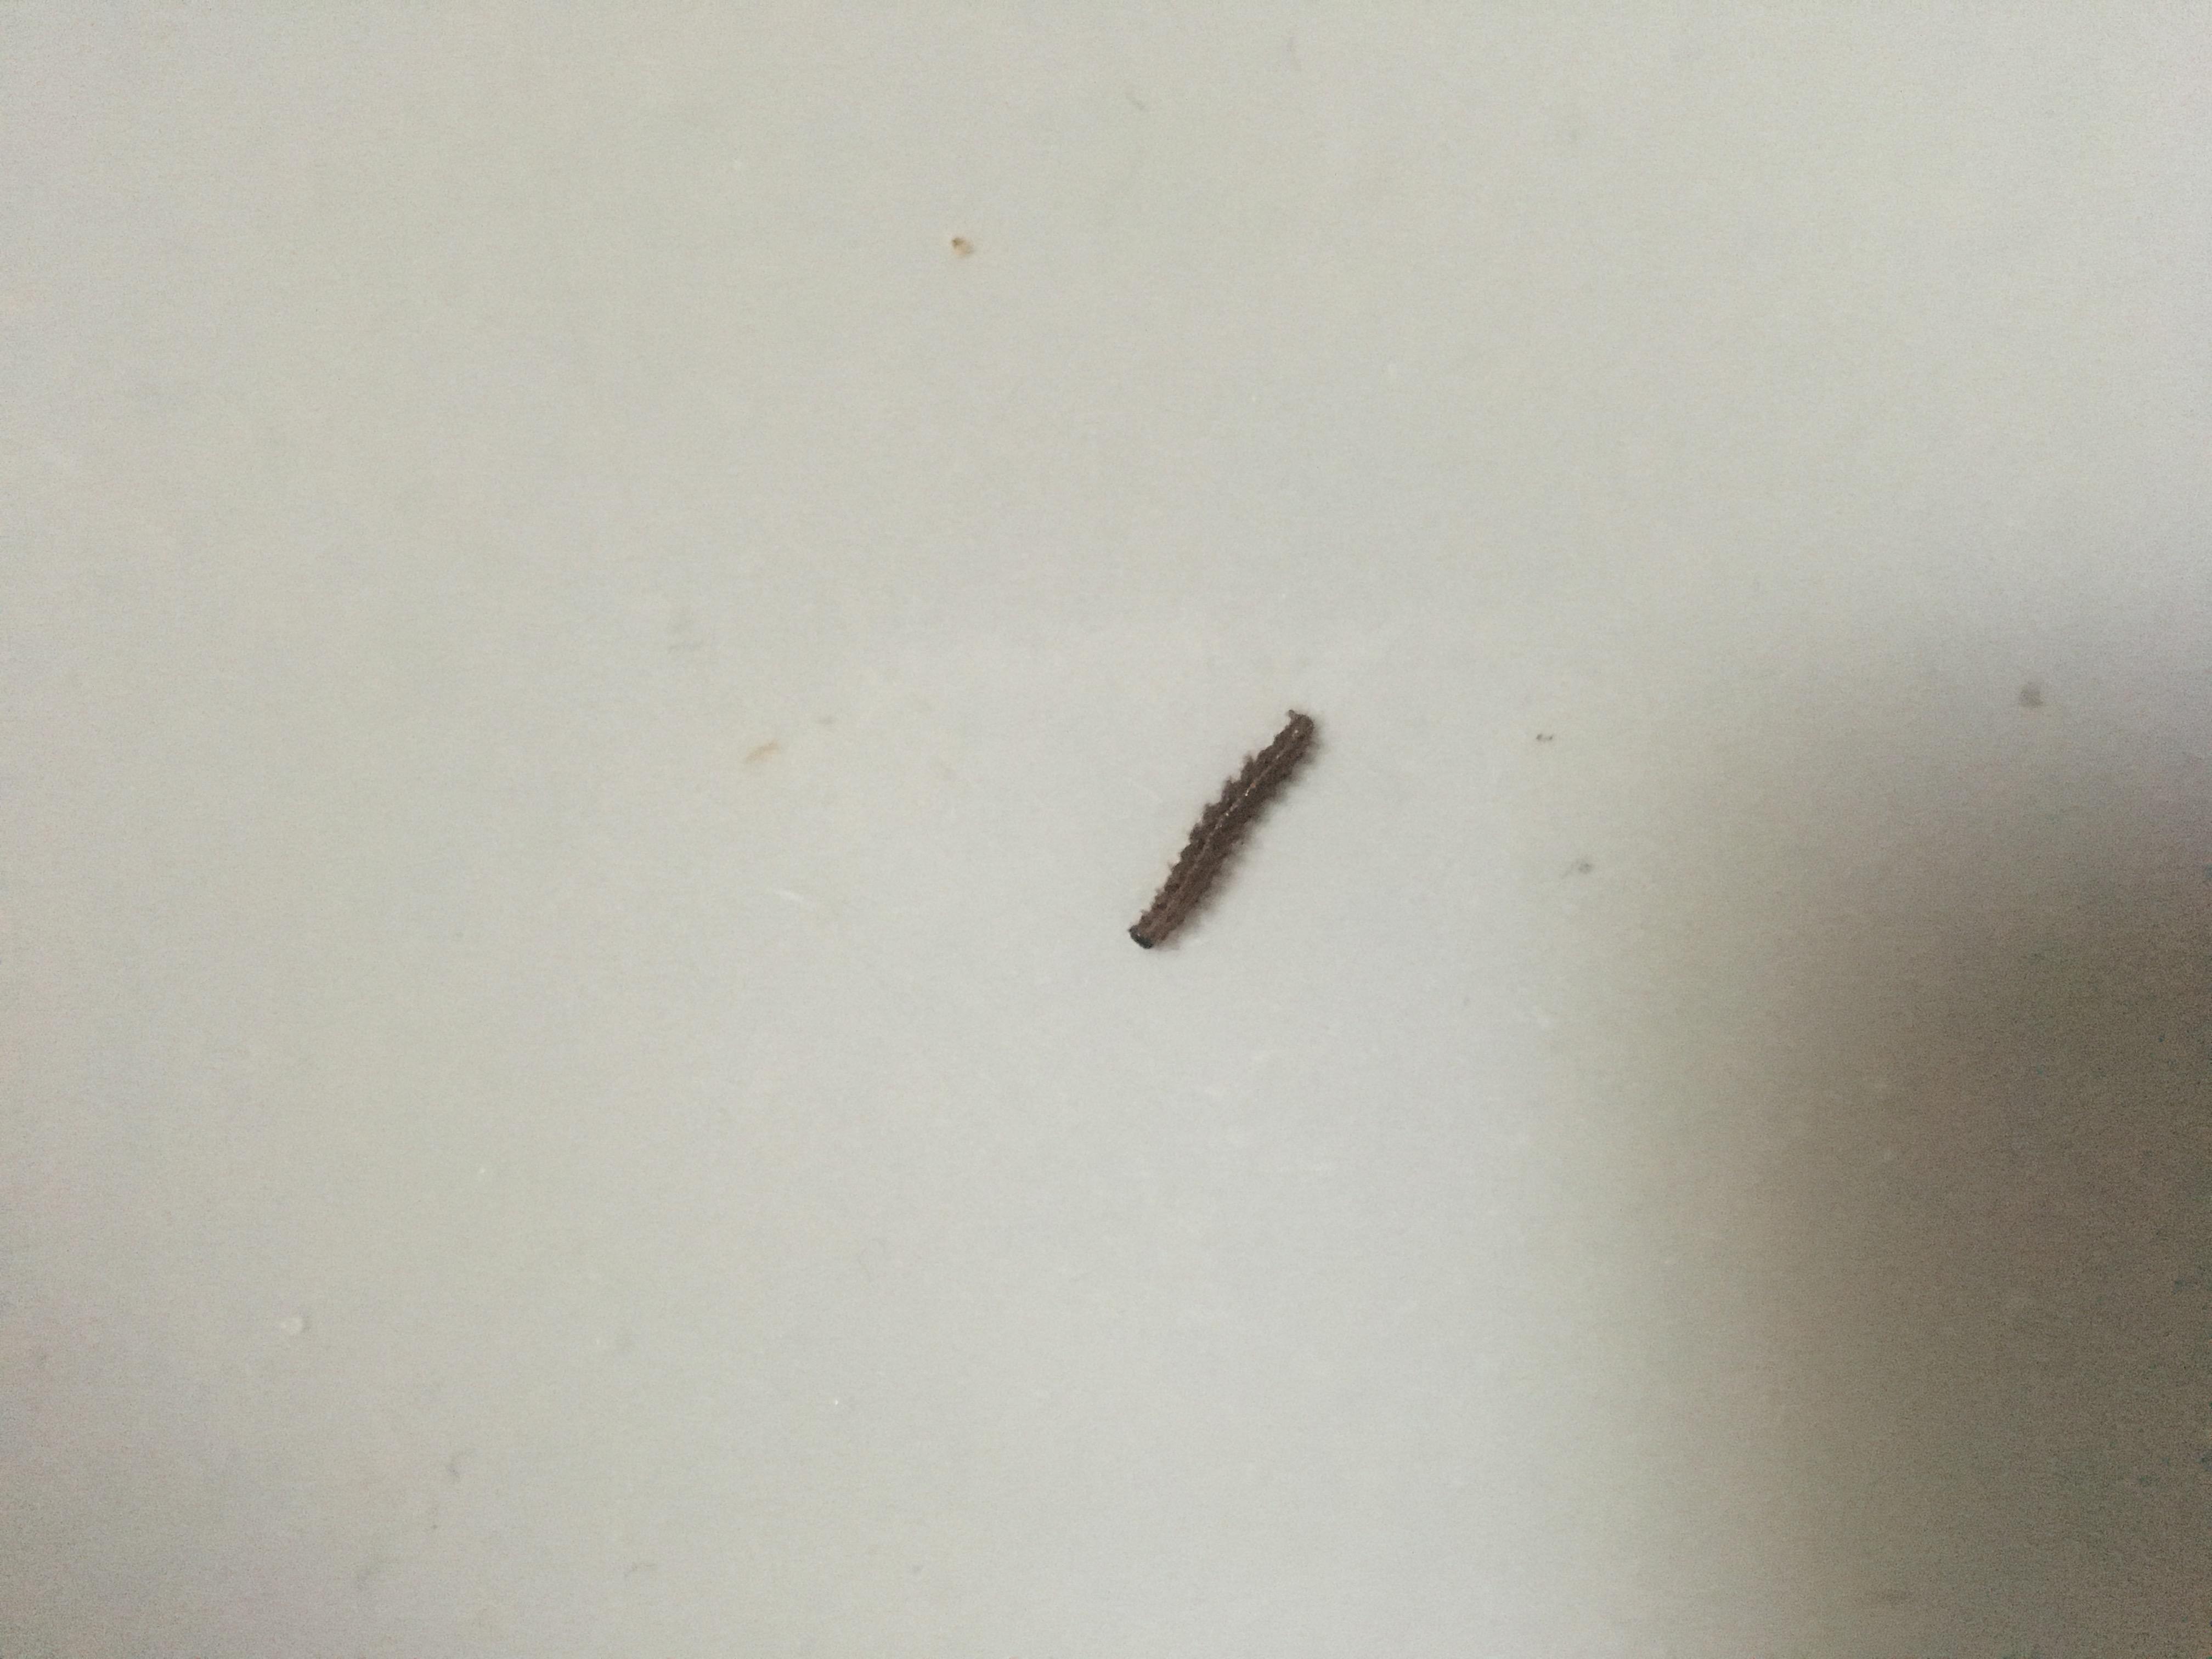 Hilfe Zuhause Im Badezimmer Was Ist Das Für Eine Raupe/ Maden? (Insekten,  Zu Hause, Würmer)